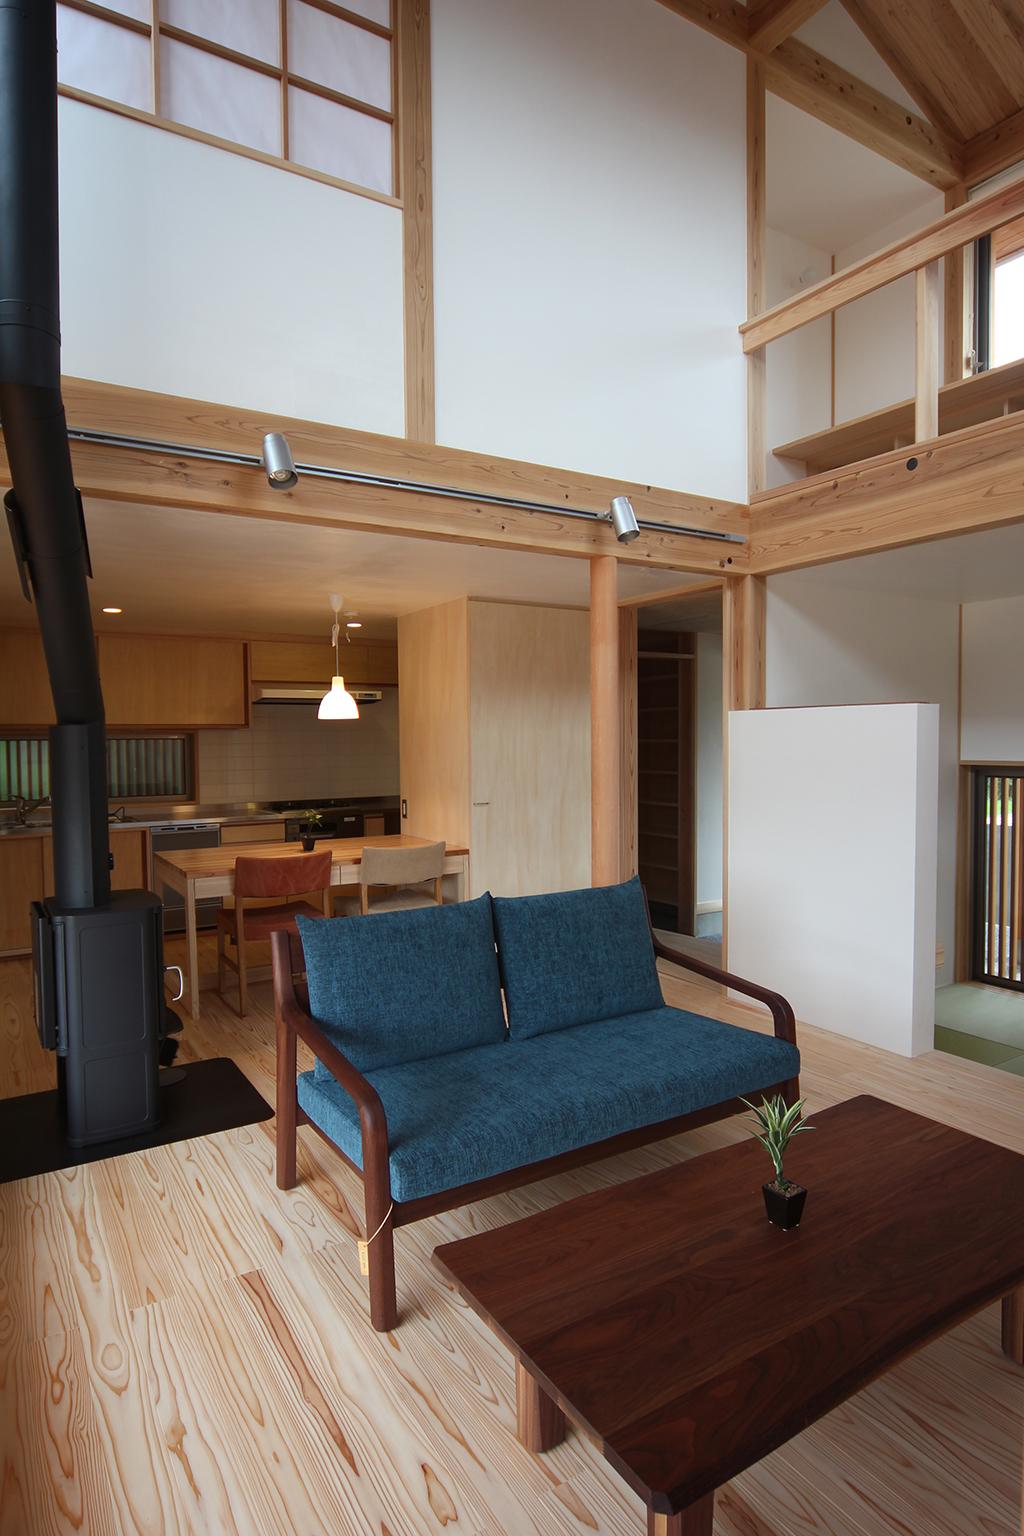 神戸市の木の家 薪ストーブのある吹き抜けで開放的なリビング